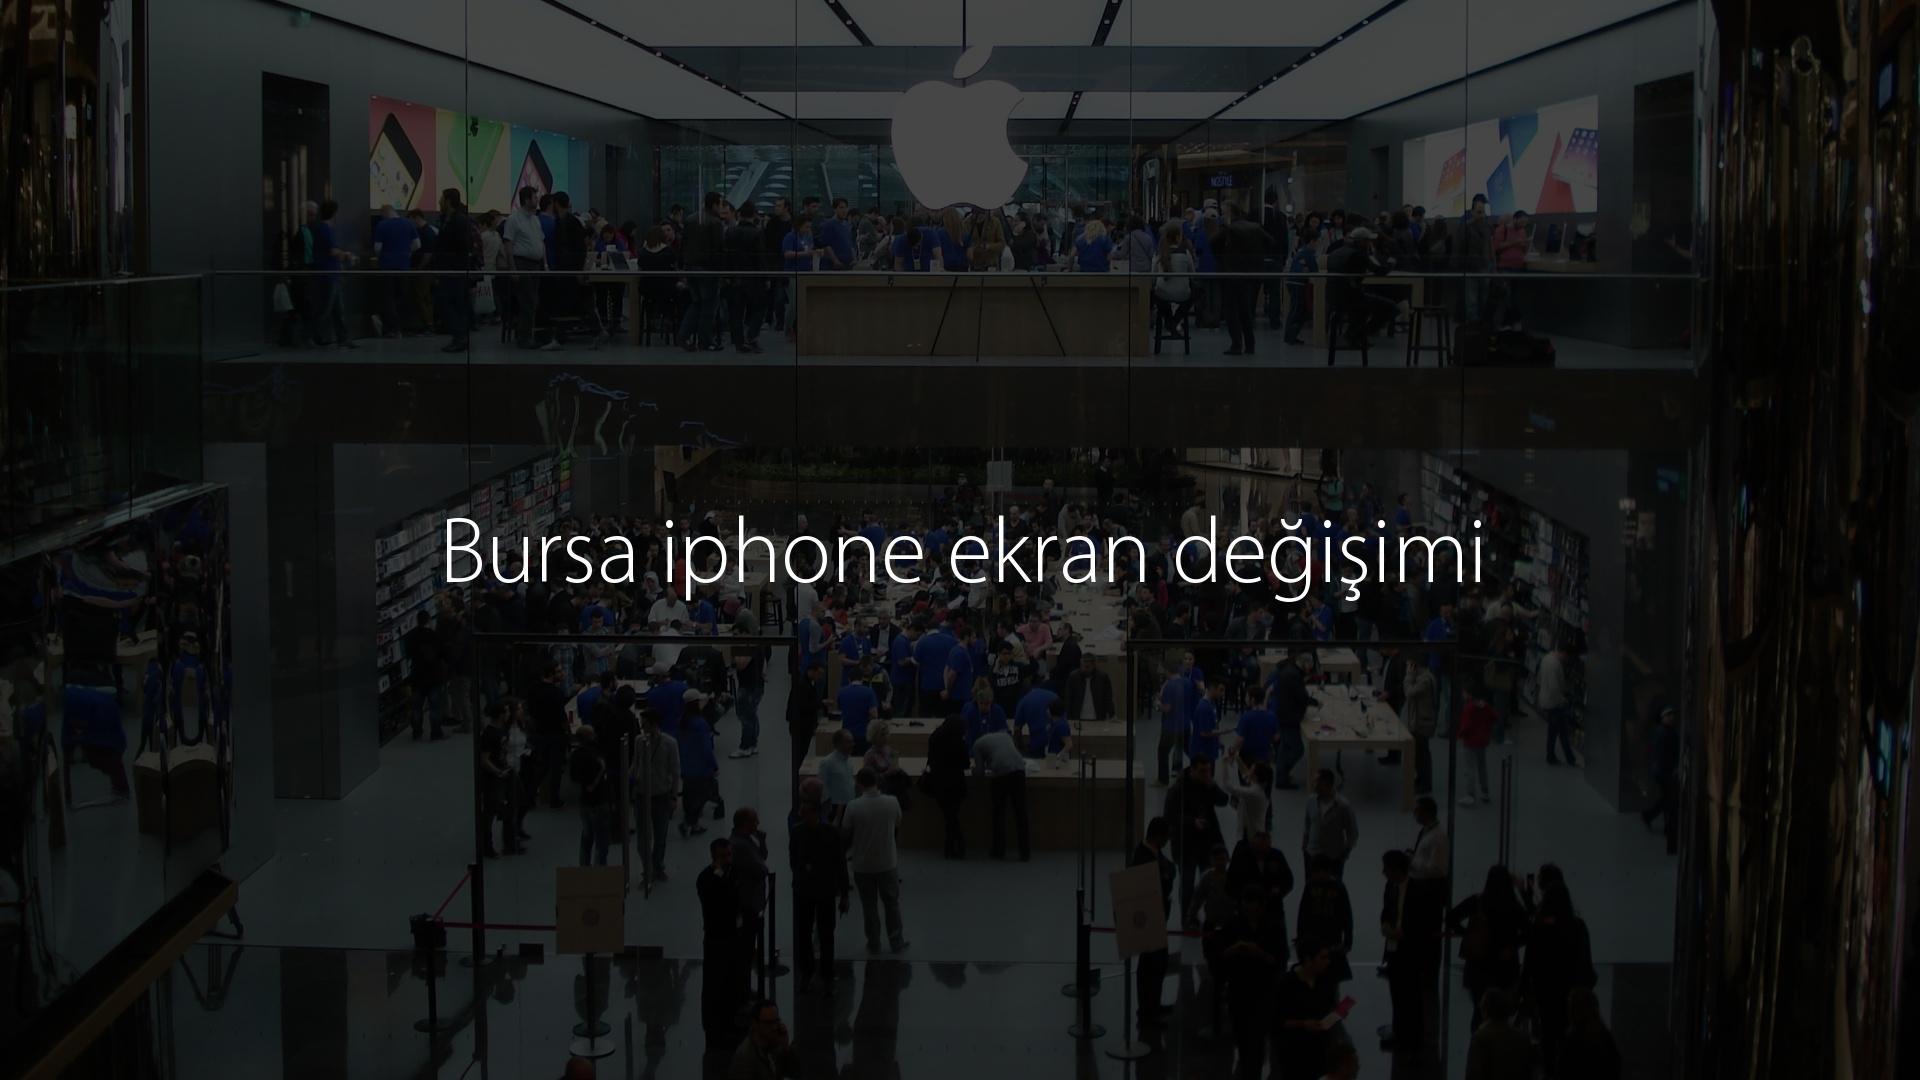 Bursa iphone ekran değişimi